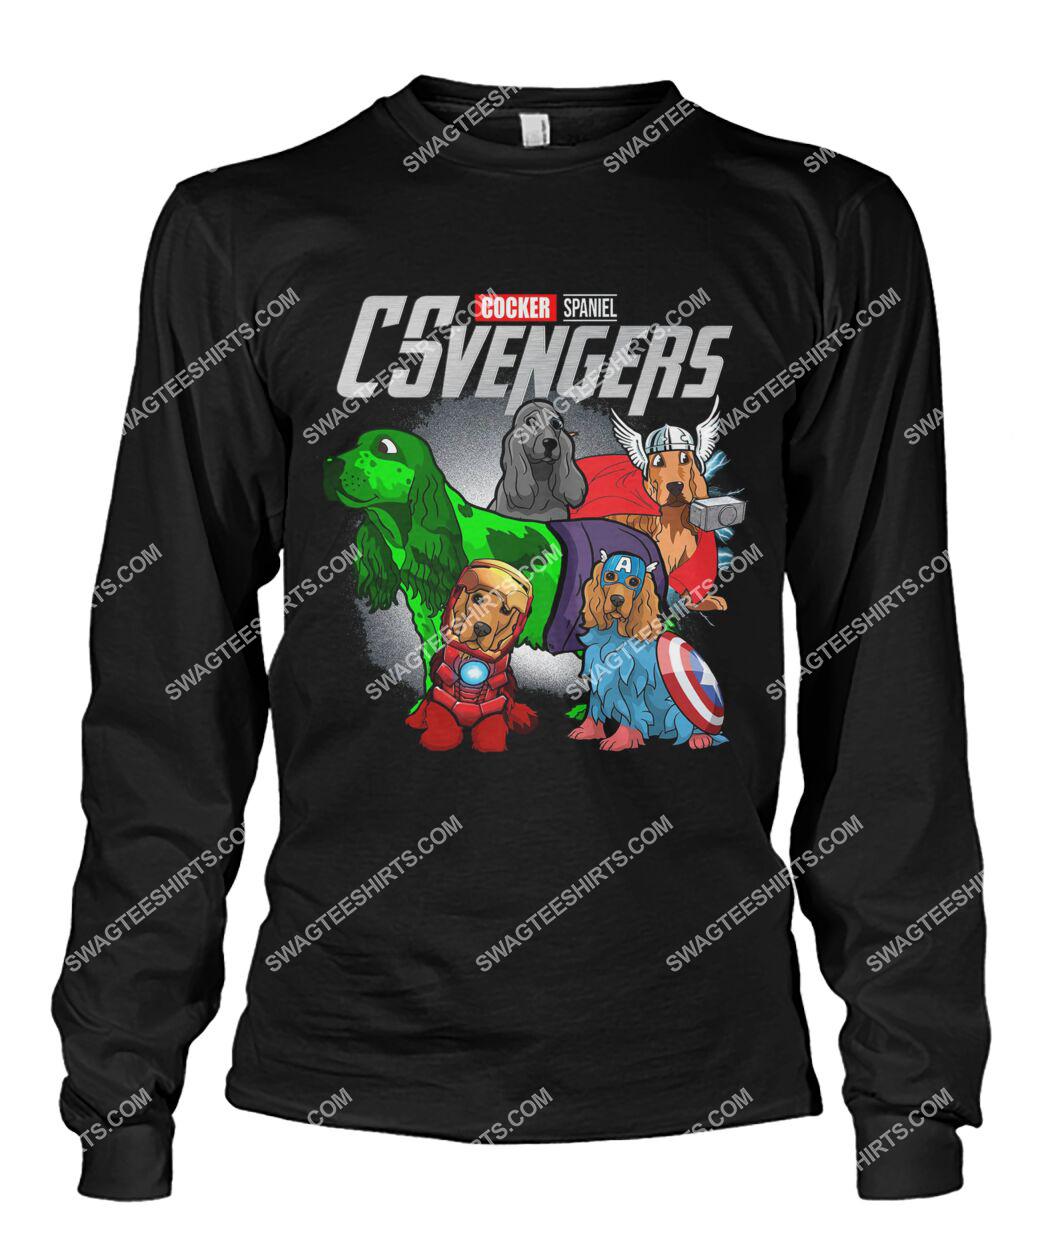 cocker spaniel csvengers marvel avengers dogs lover sweatshirt 1